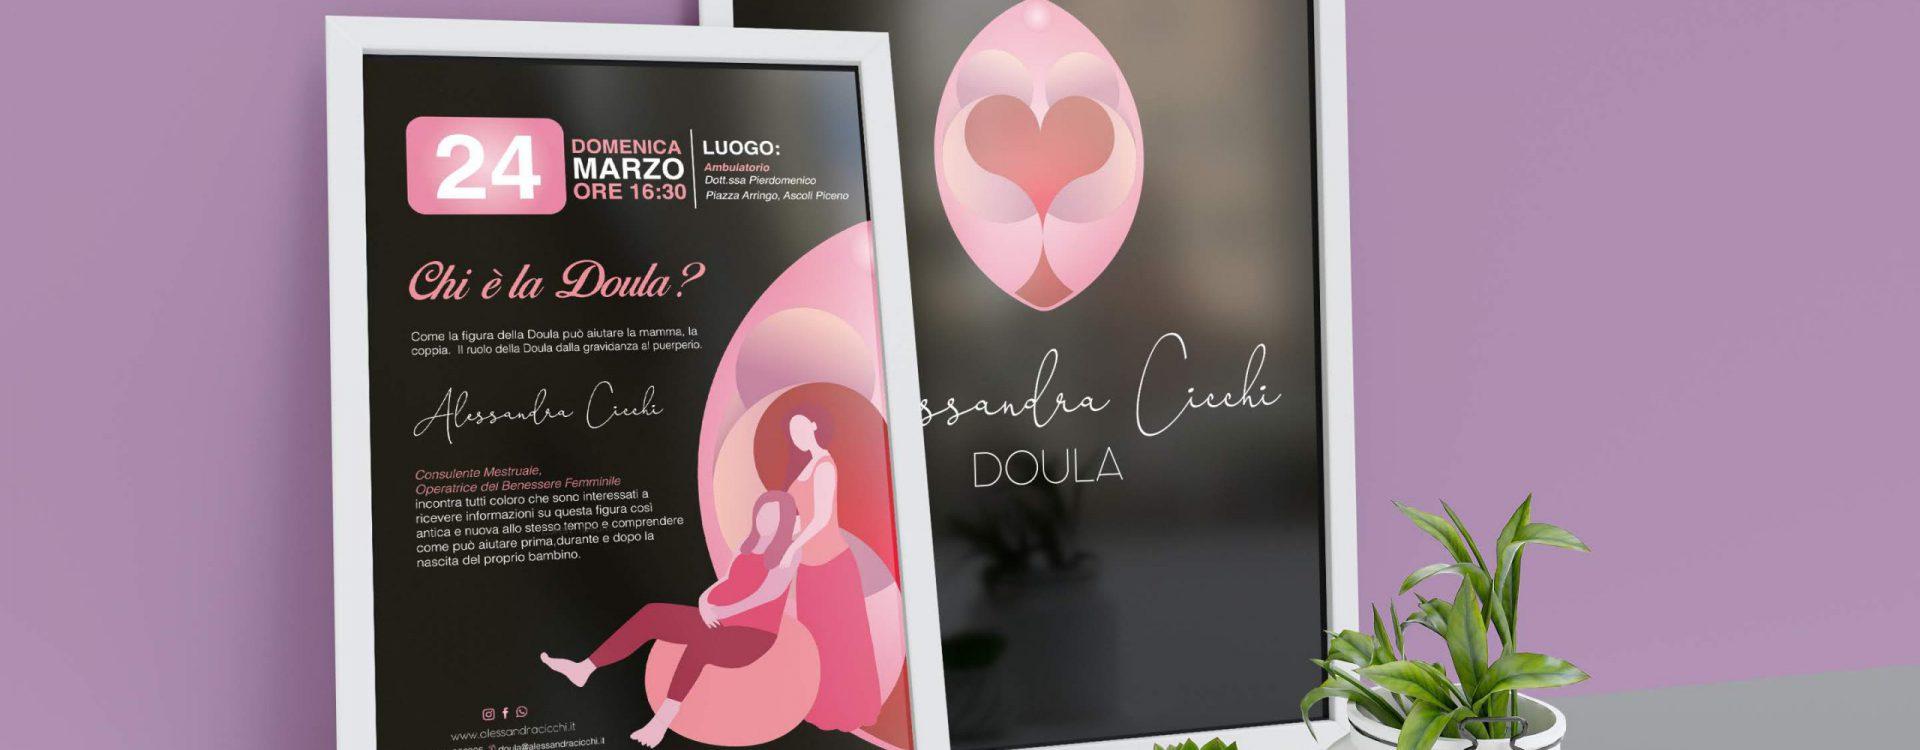 Alessandra Cicchi DOULA